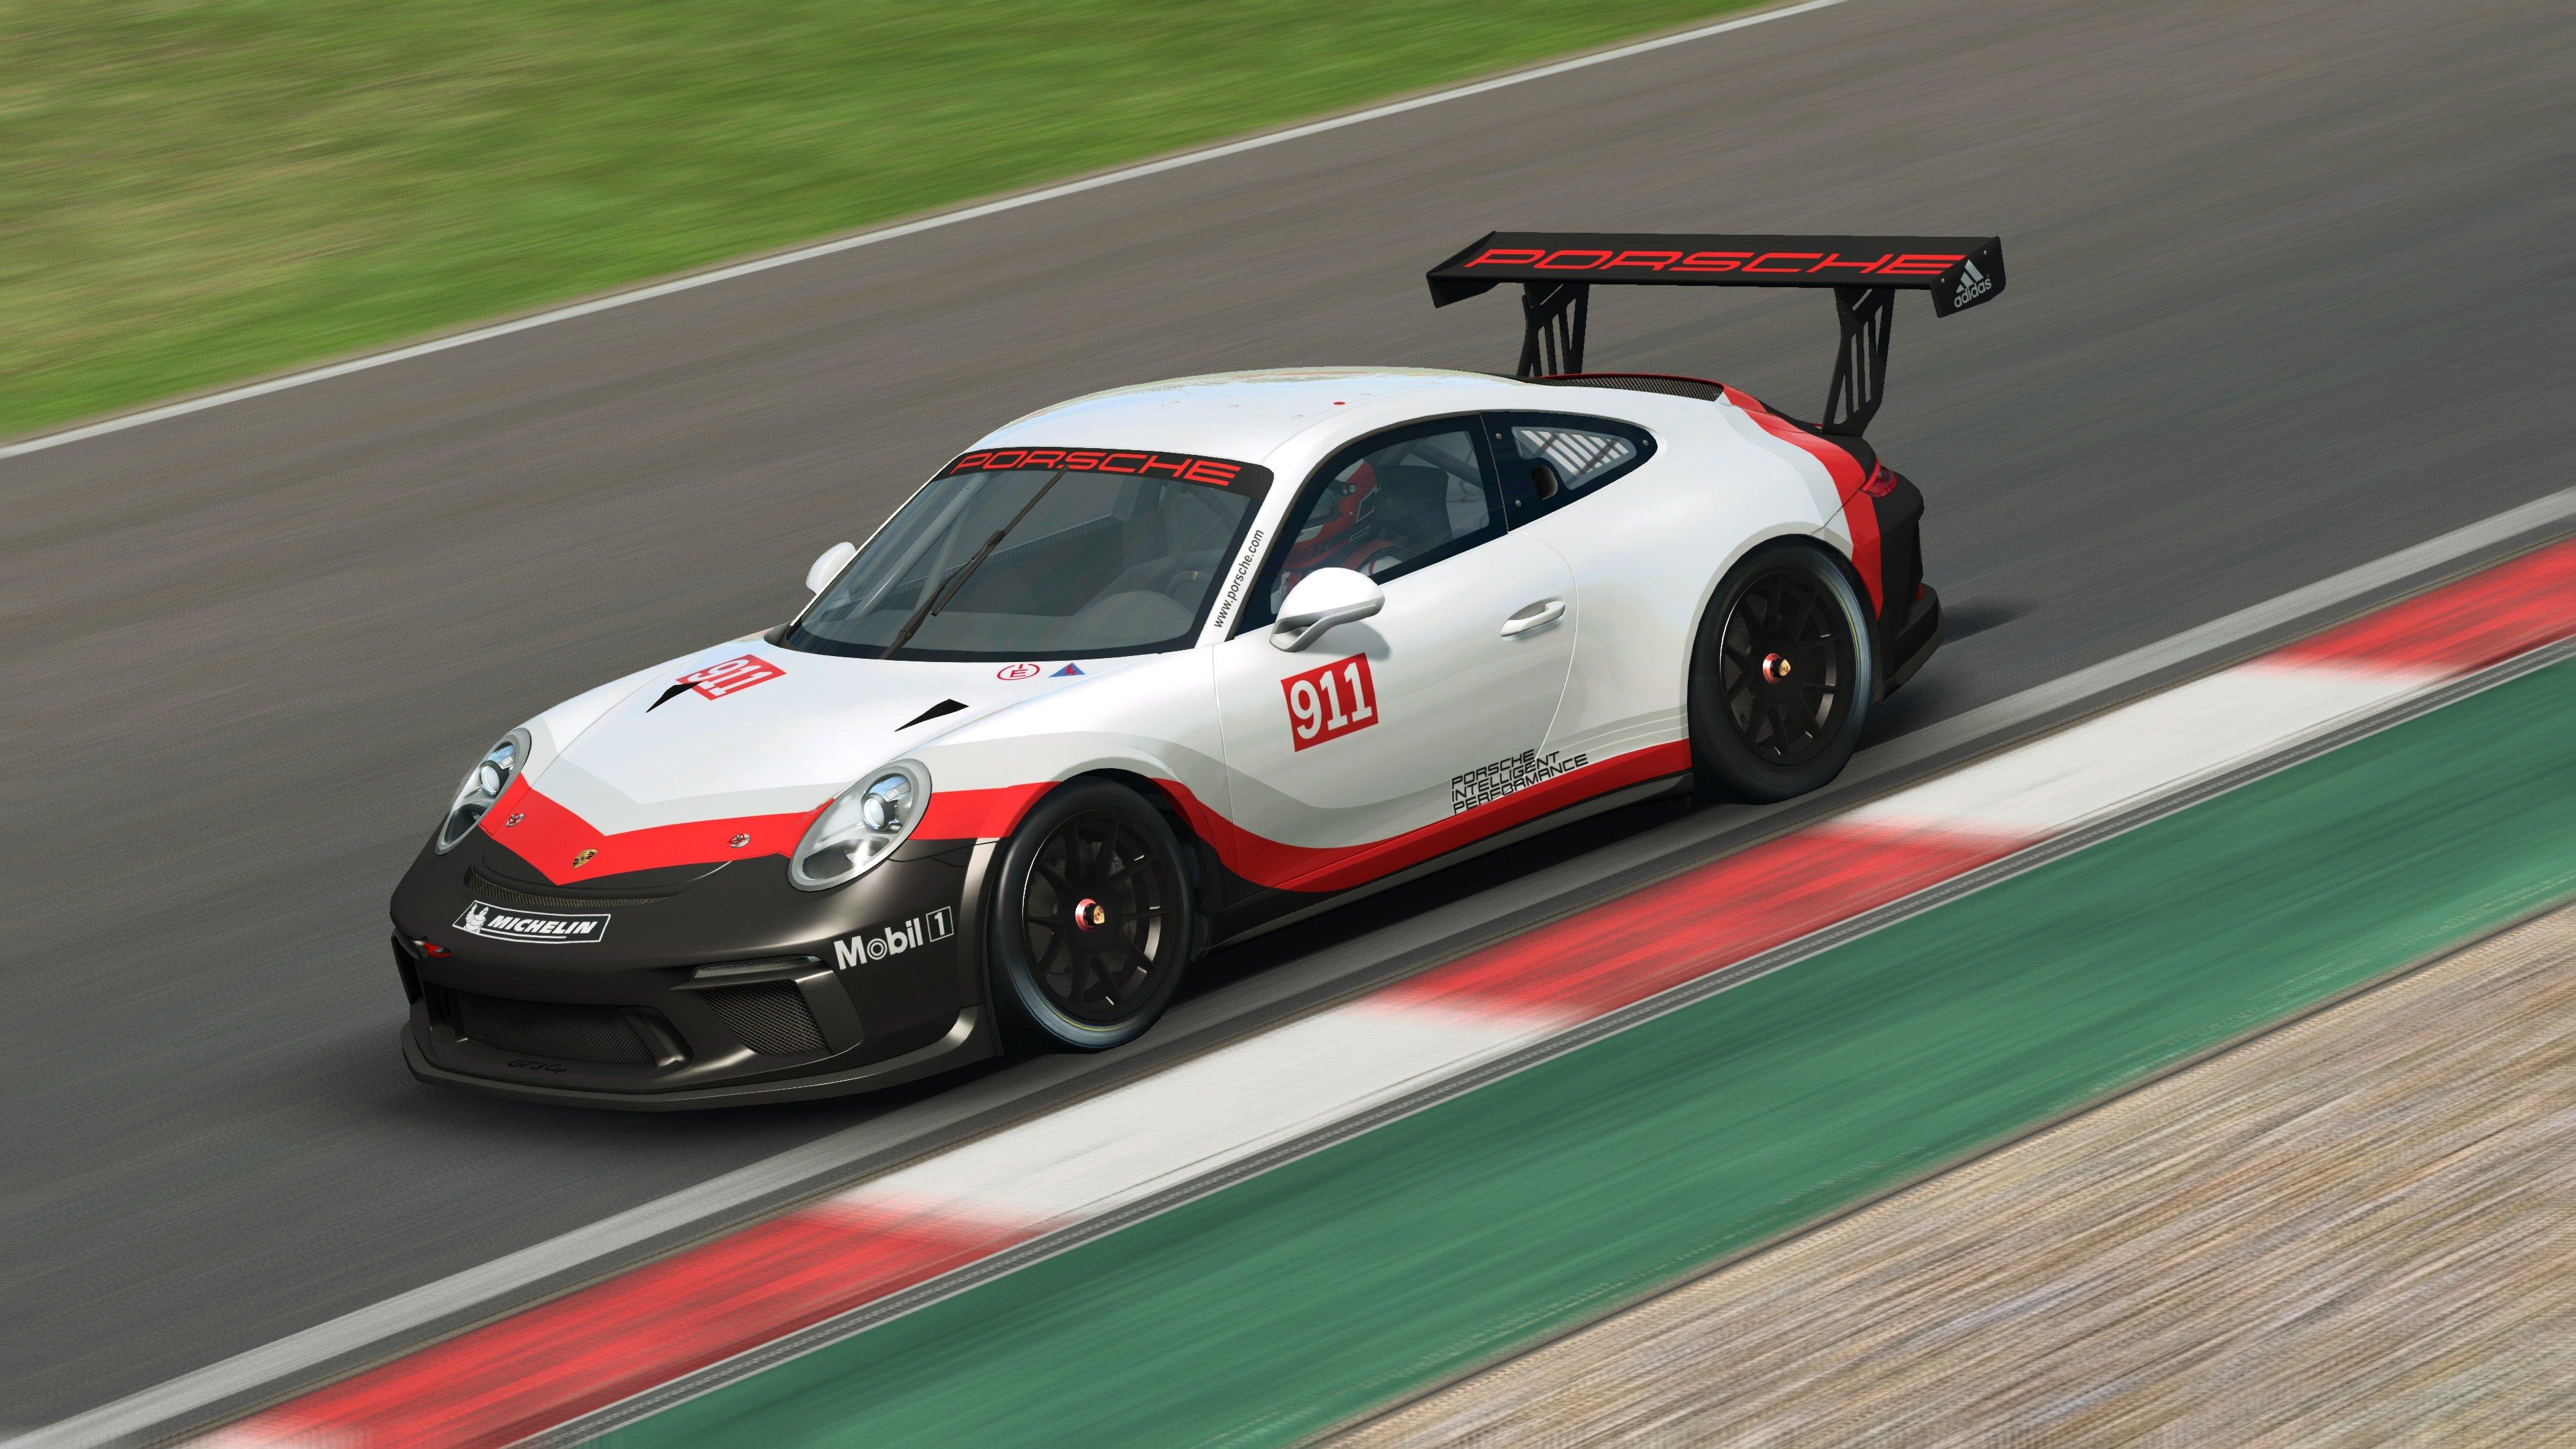 RaceRoom 991.2 Porsche 911 GT3 Cup 7